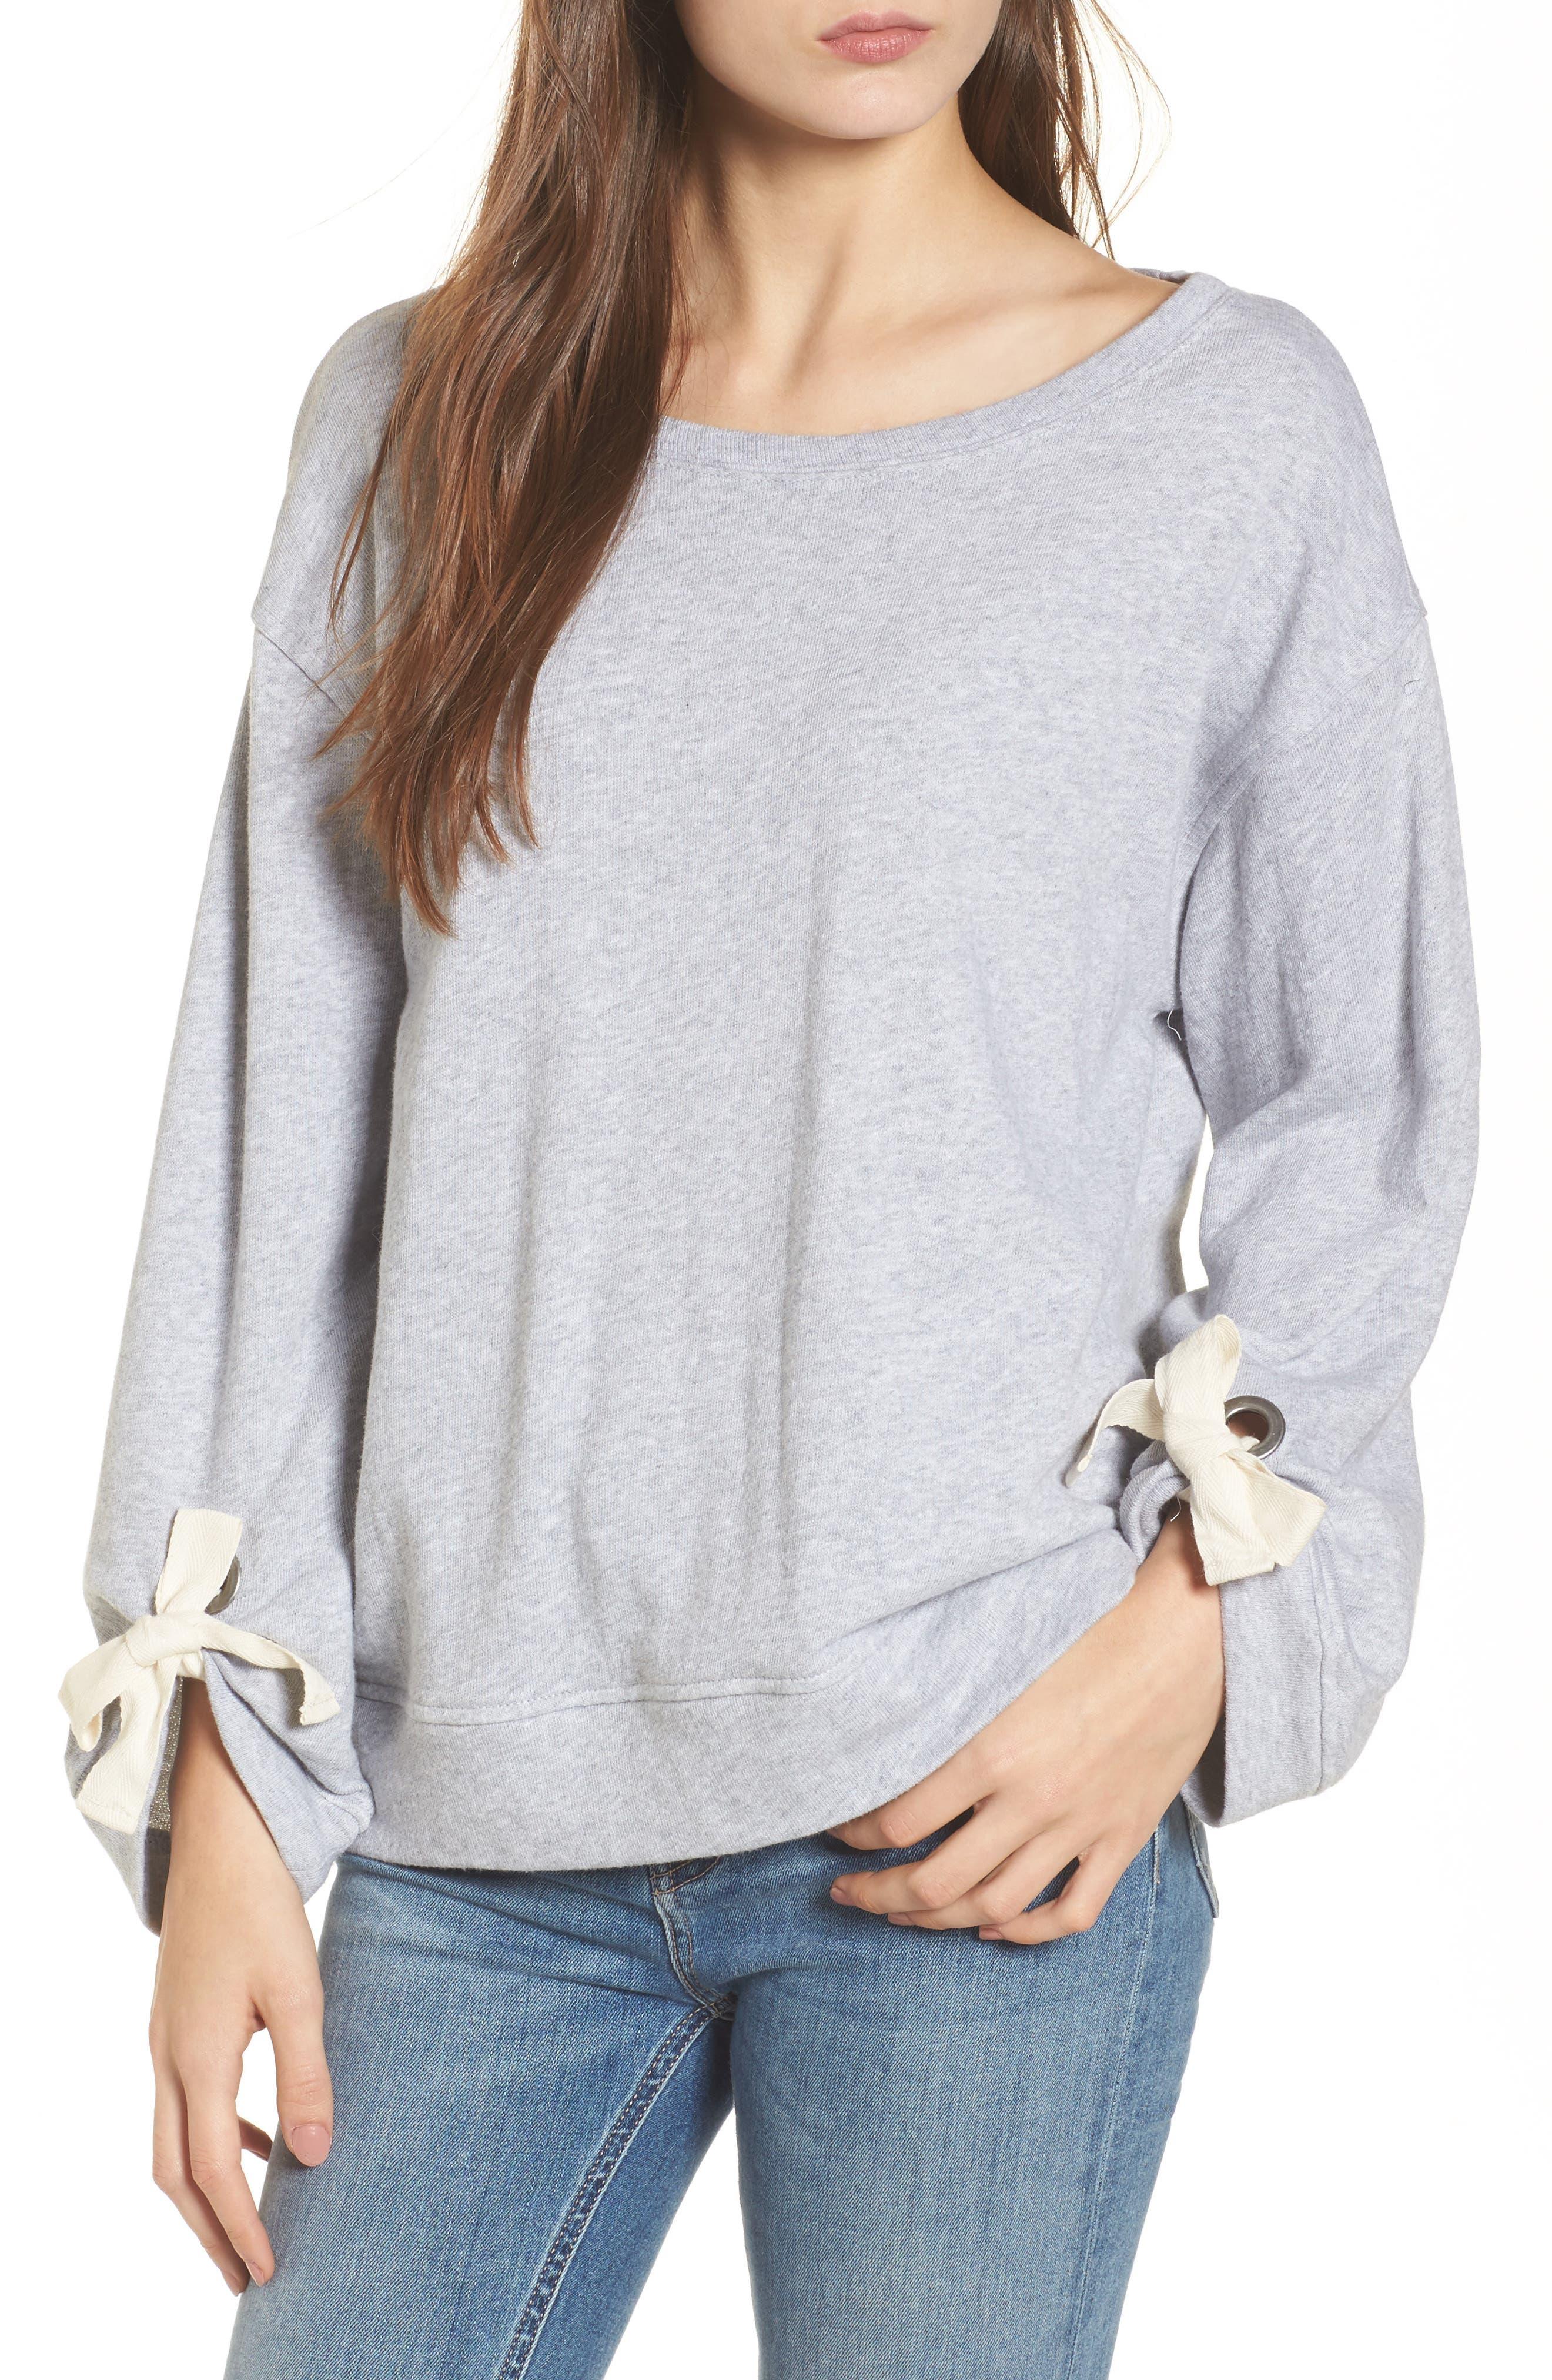 Splendid Tie Sleeve Sweater